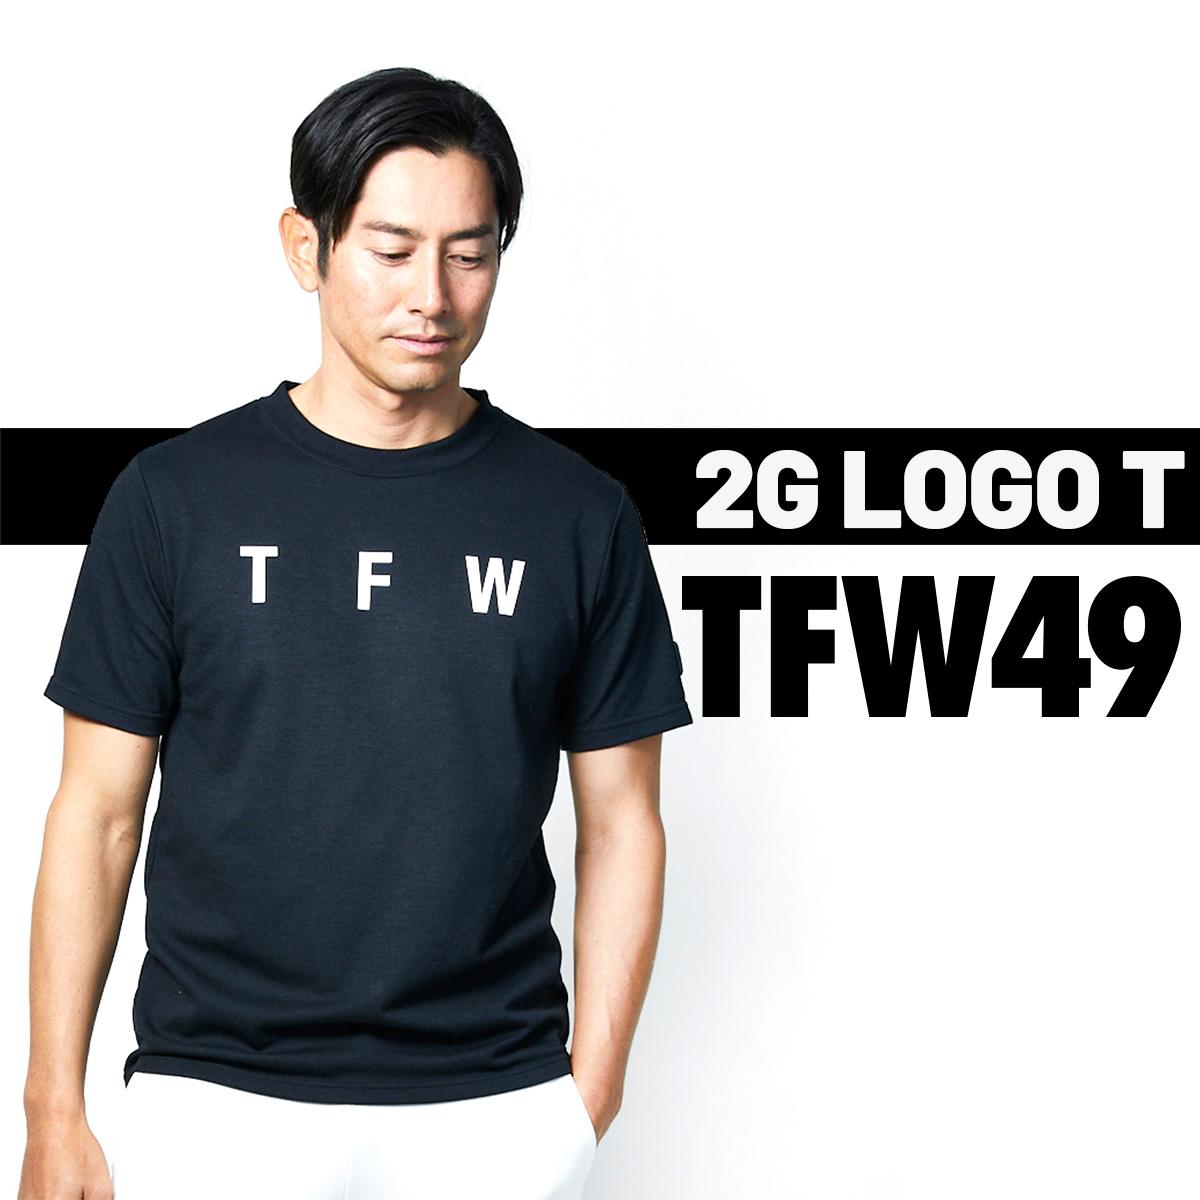 今おすすめしたい機能性に優れたTFW49【2G LOGO T】